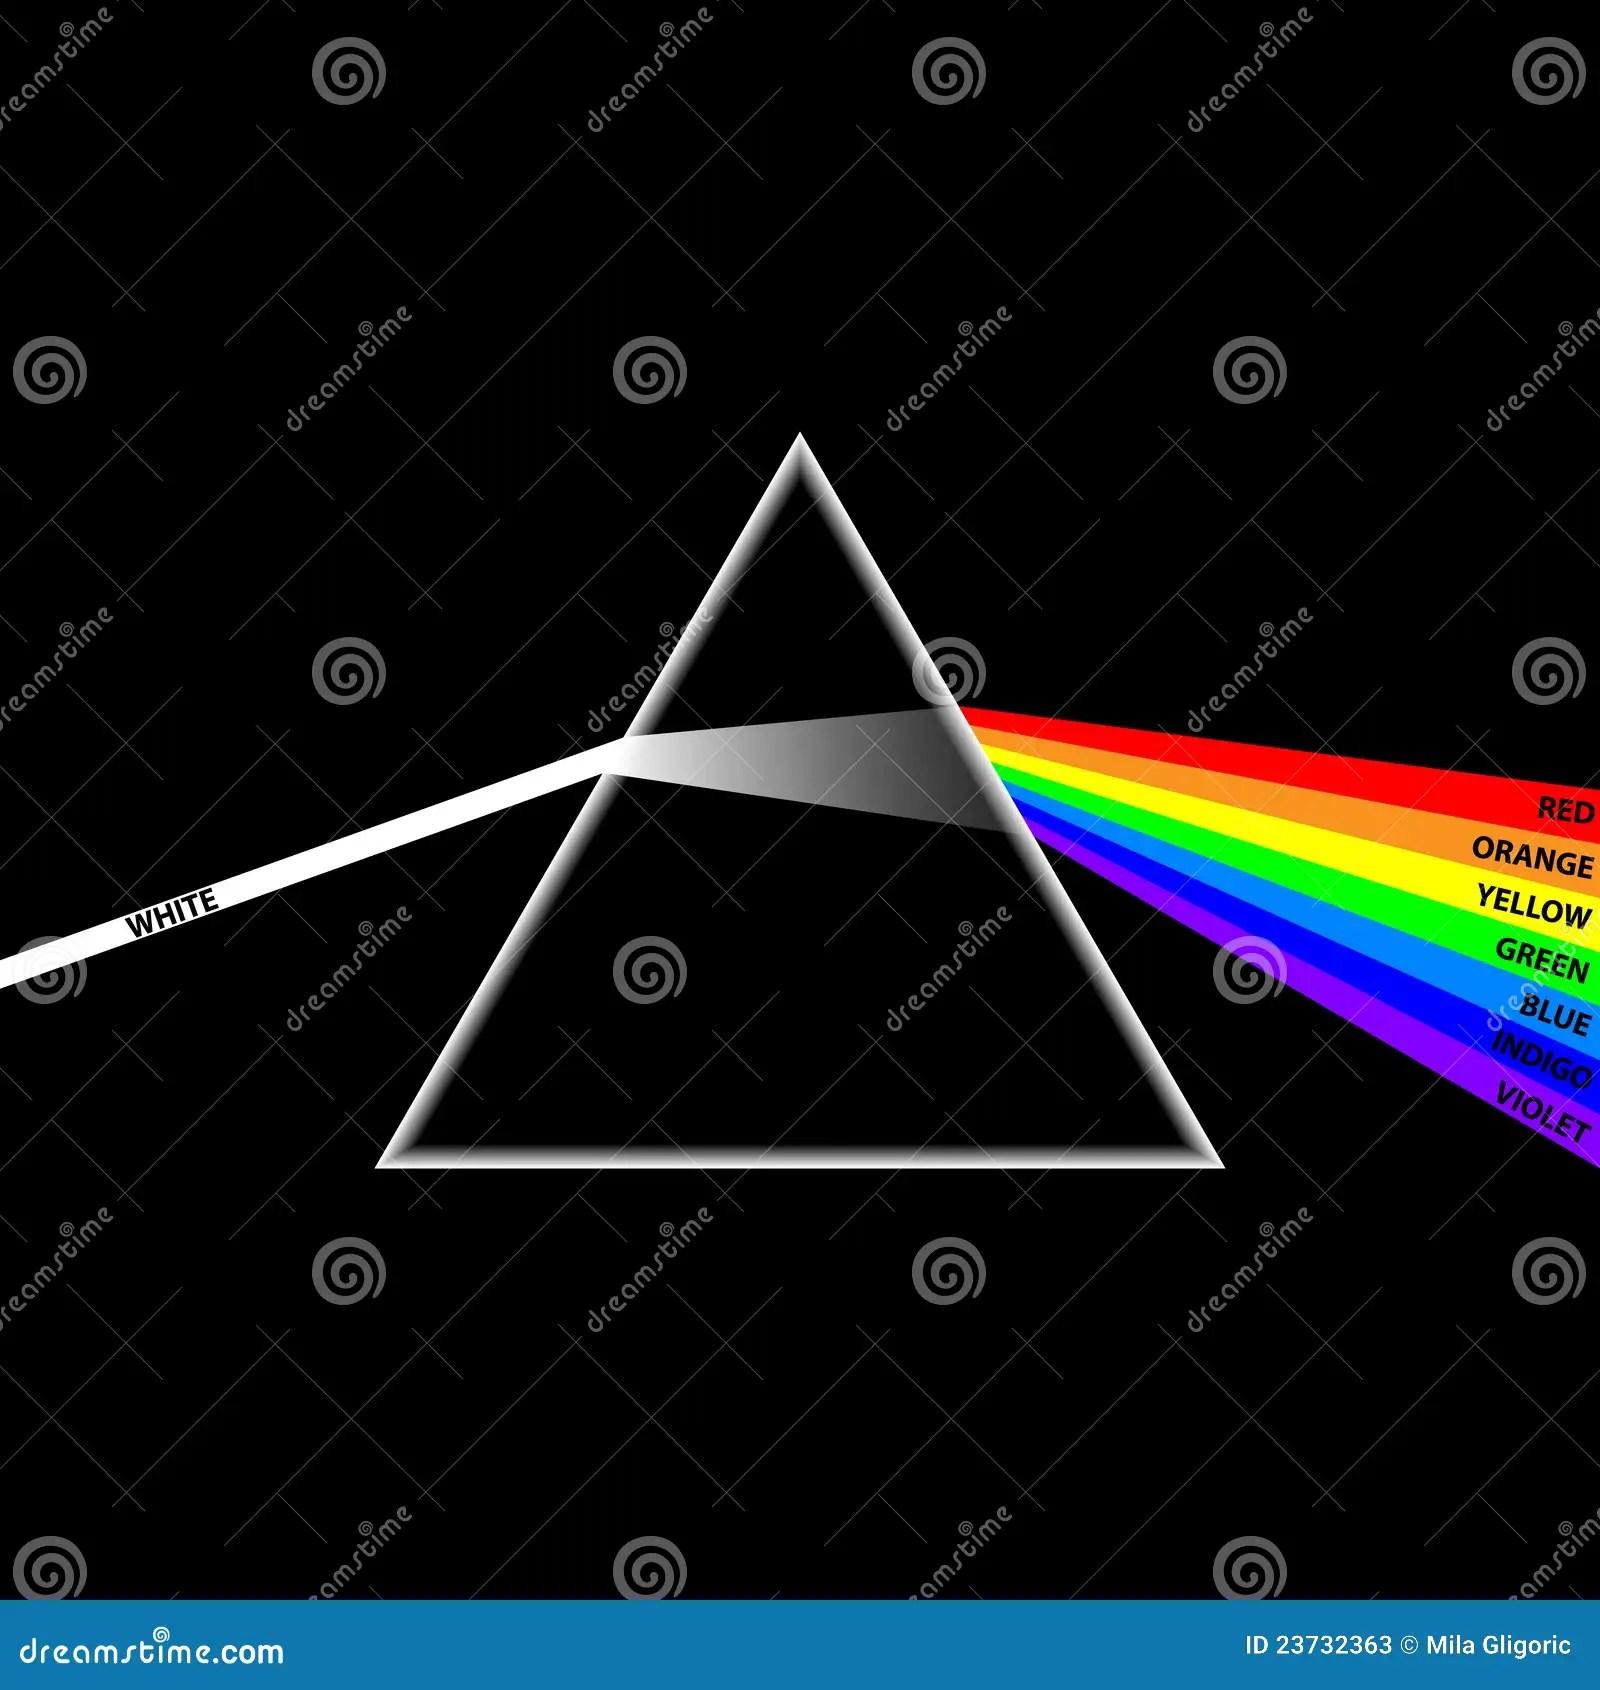 Spectrum Stock Photos